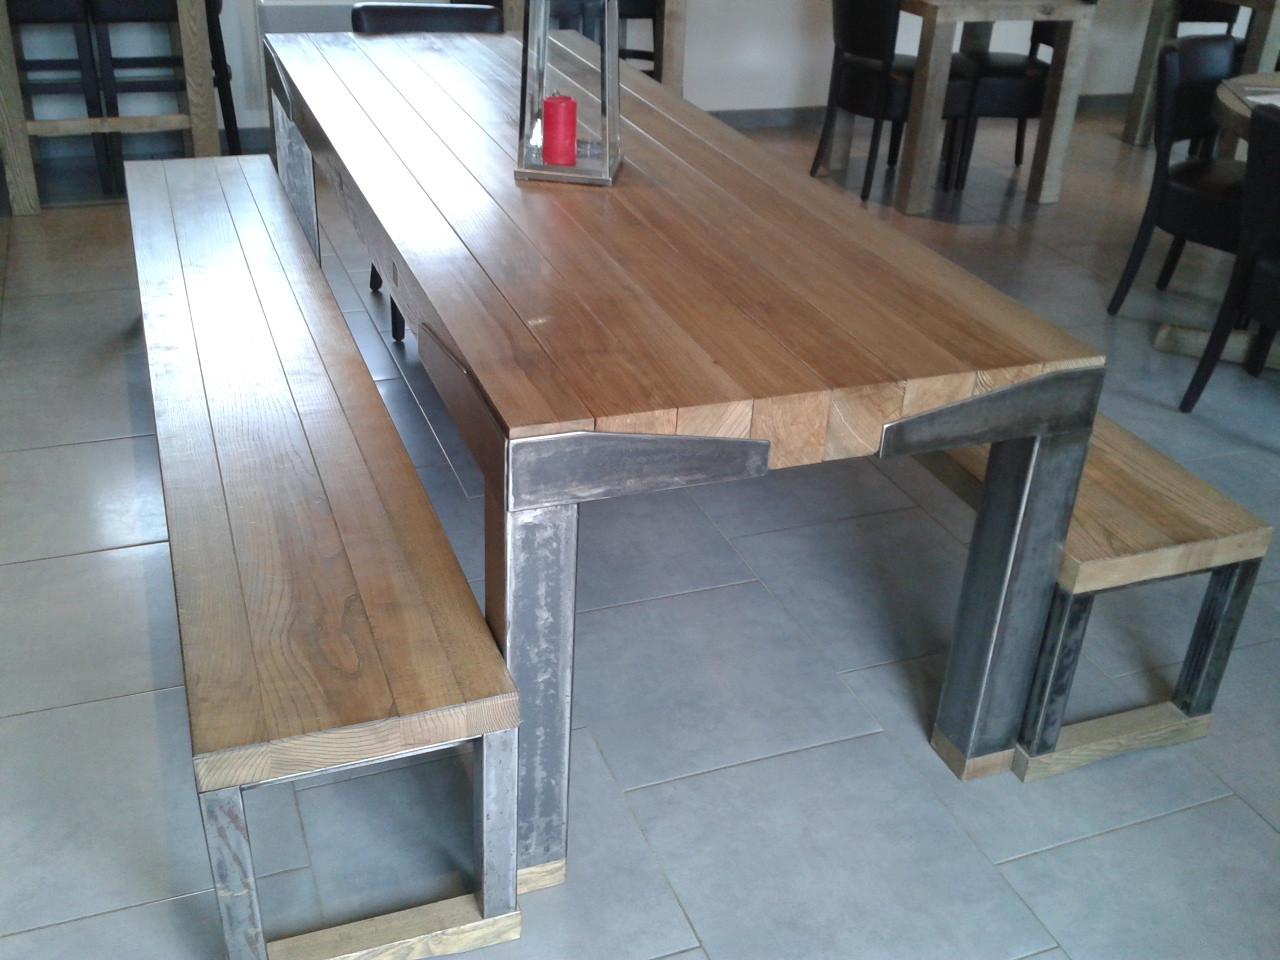 Table bois (frêne) et fer 2.10 m  x  0.90m